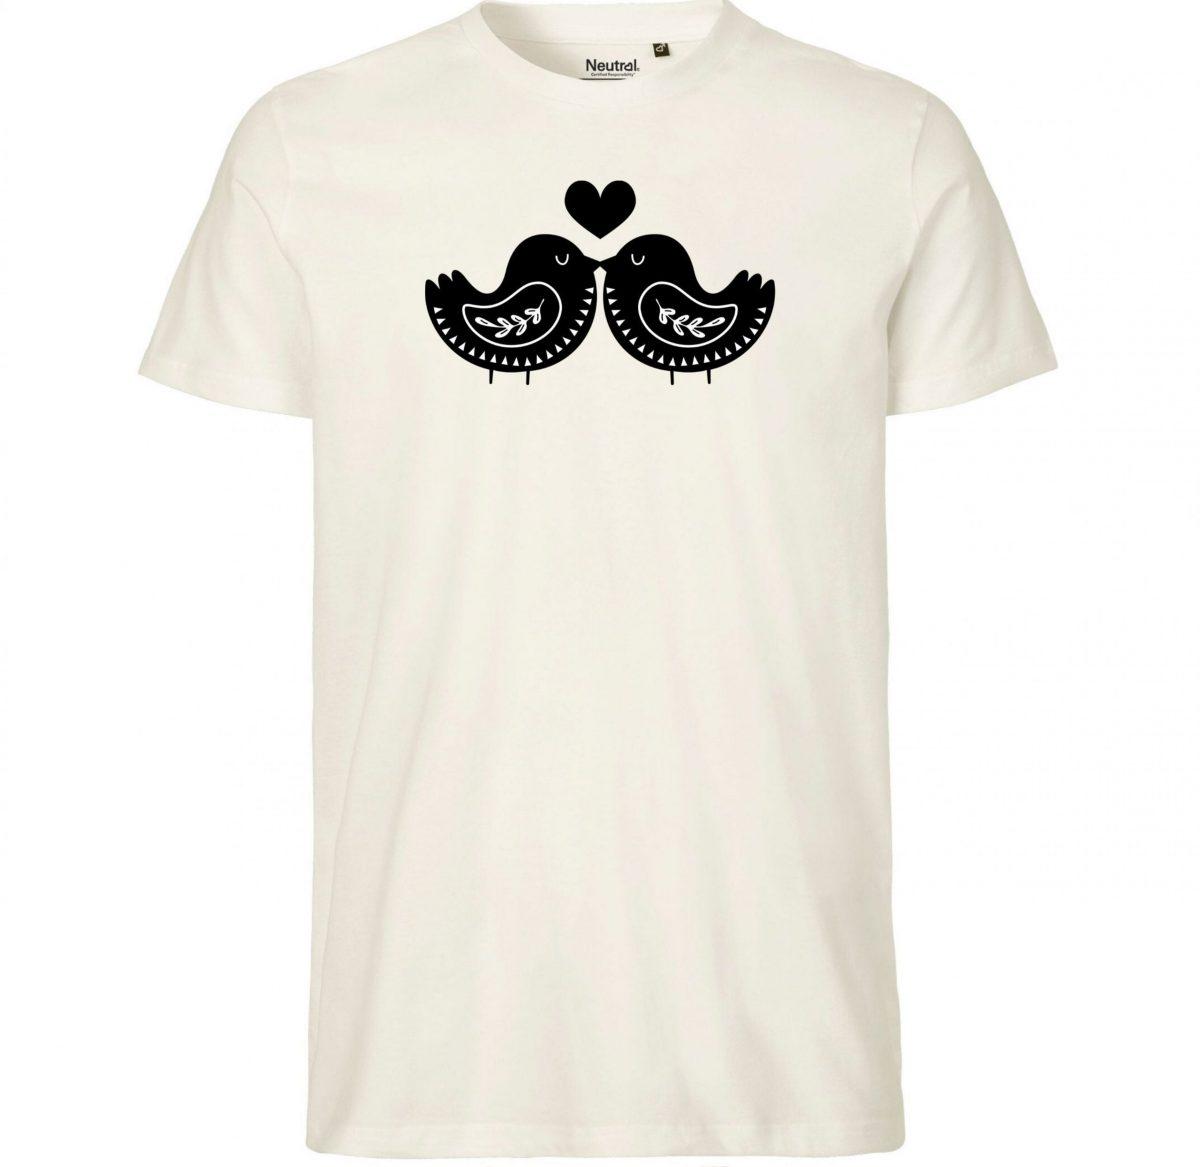 Tee-Shirt Homme – Les Oiseaux Amoureux